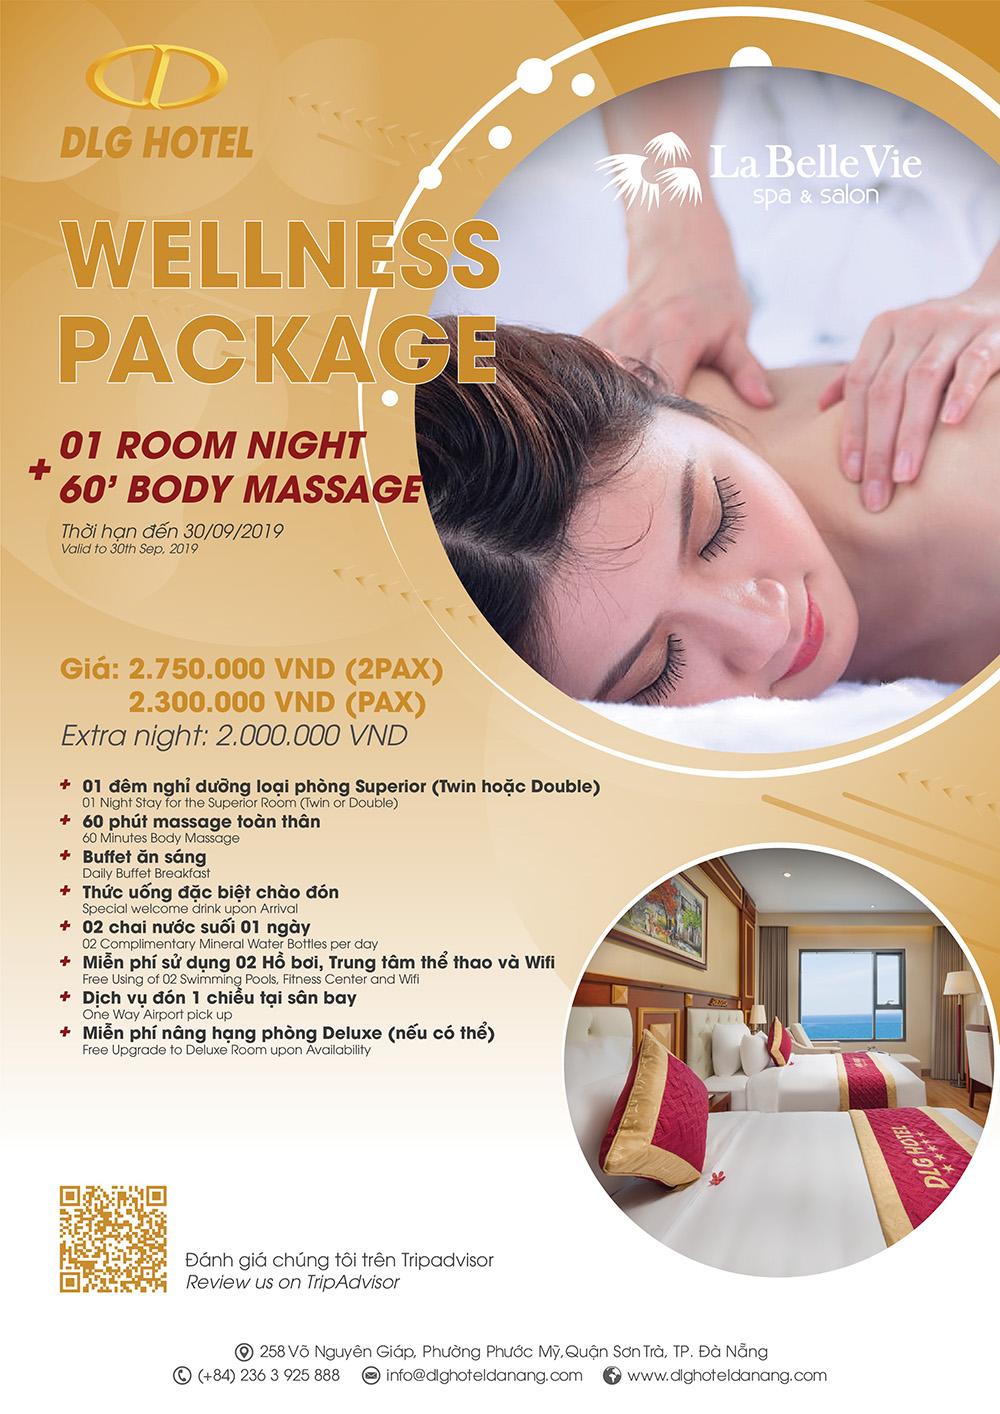 Ky Nghi Duong Tuyet Voi Danh Cho Suc Khoe Wellness Package Tai Dlg Da Nang Update 01